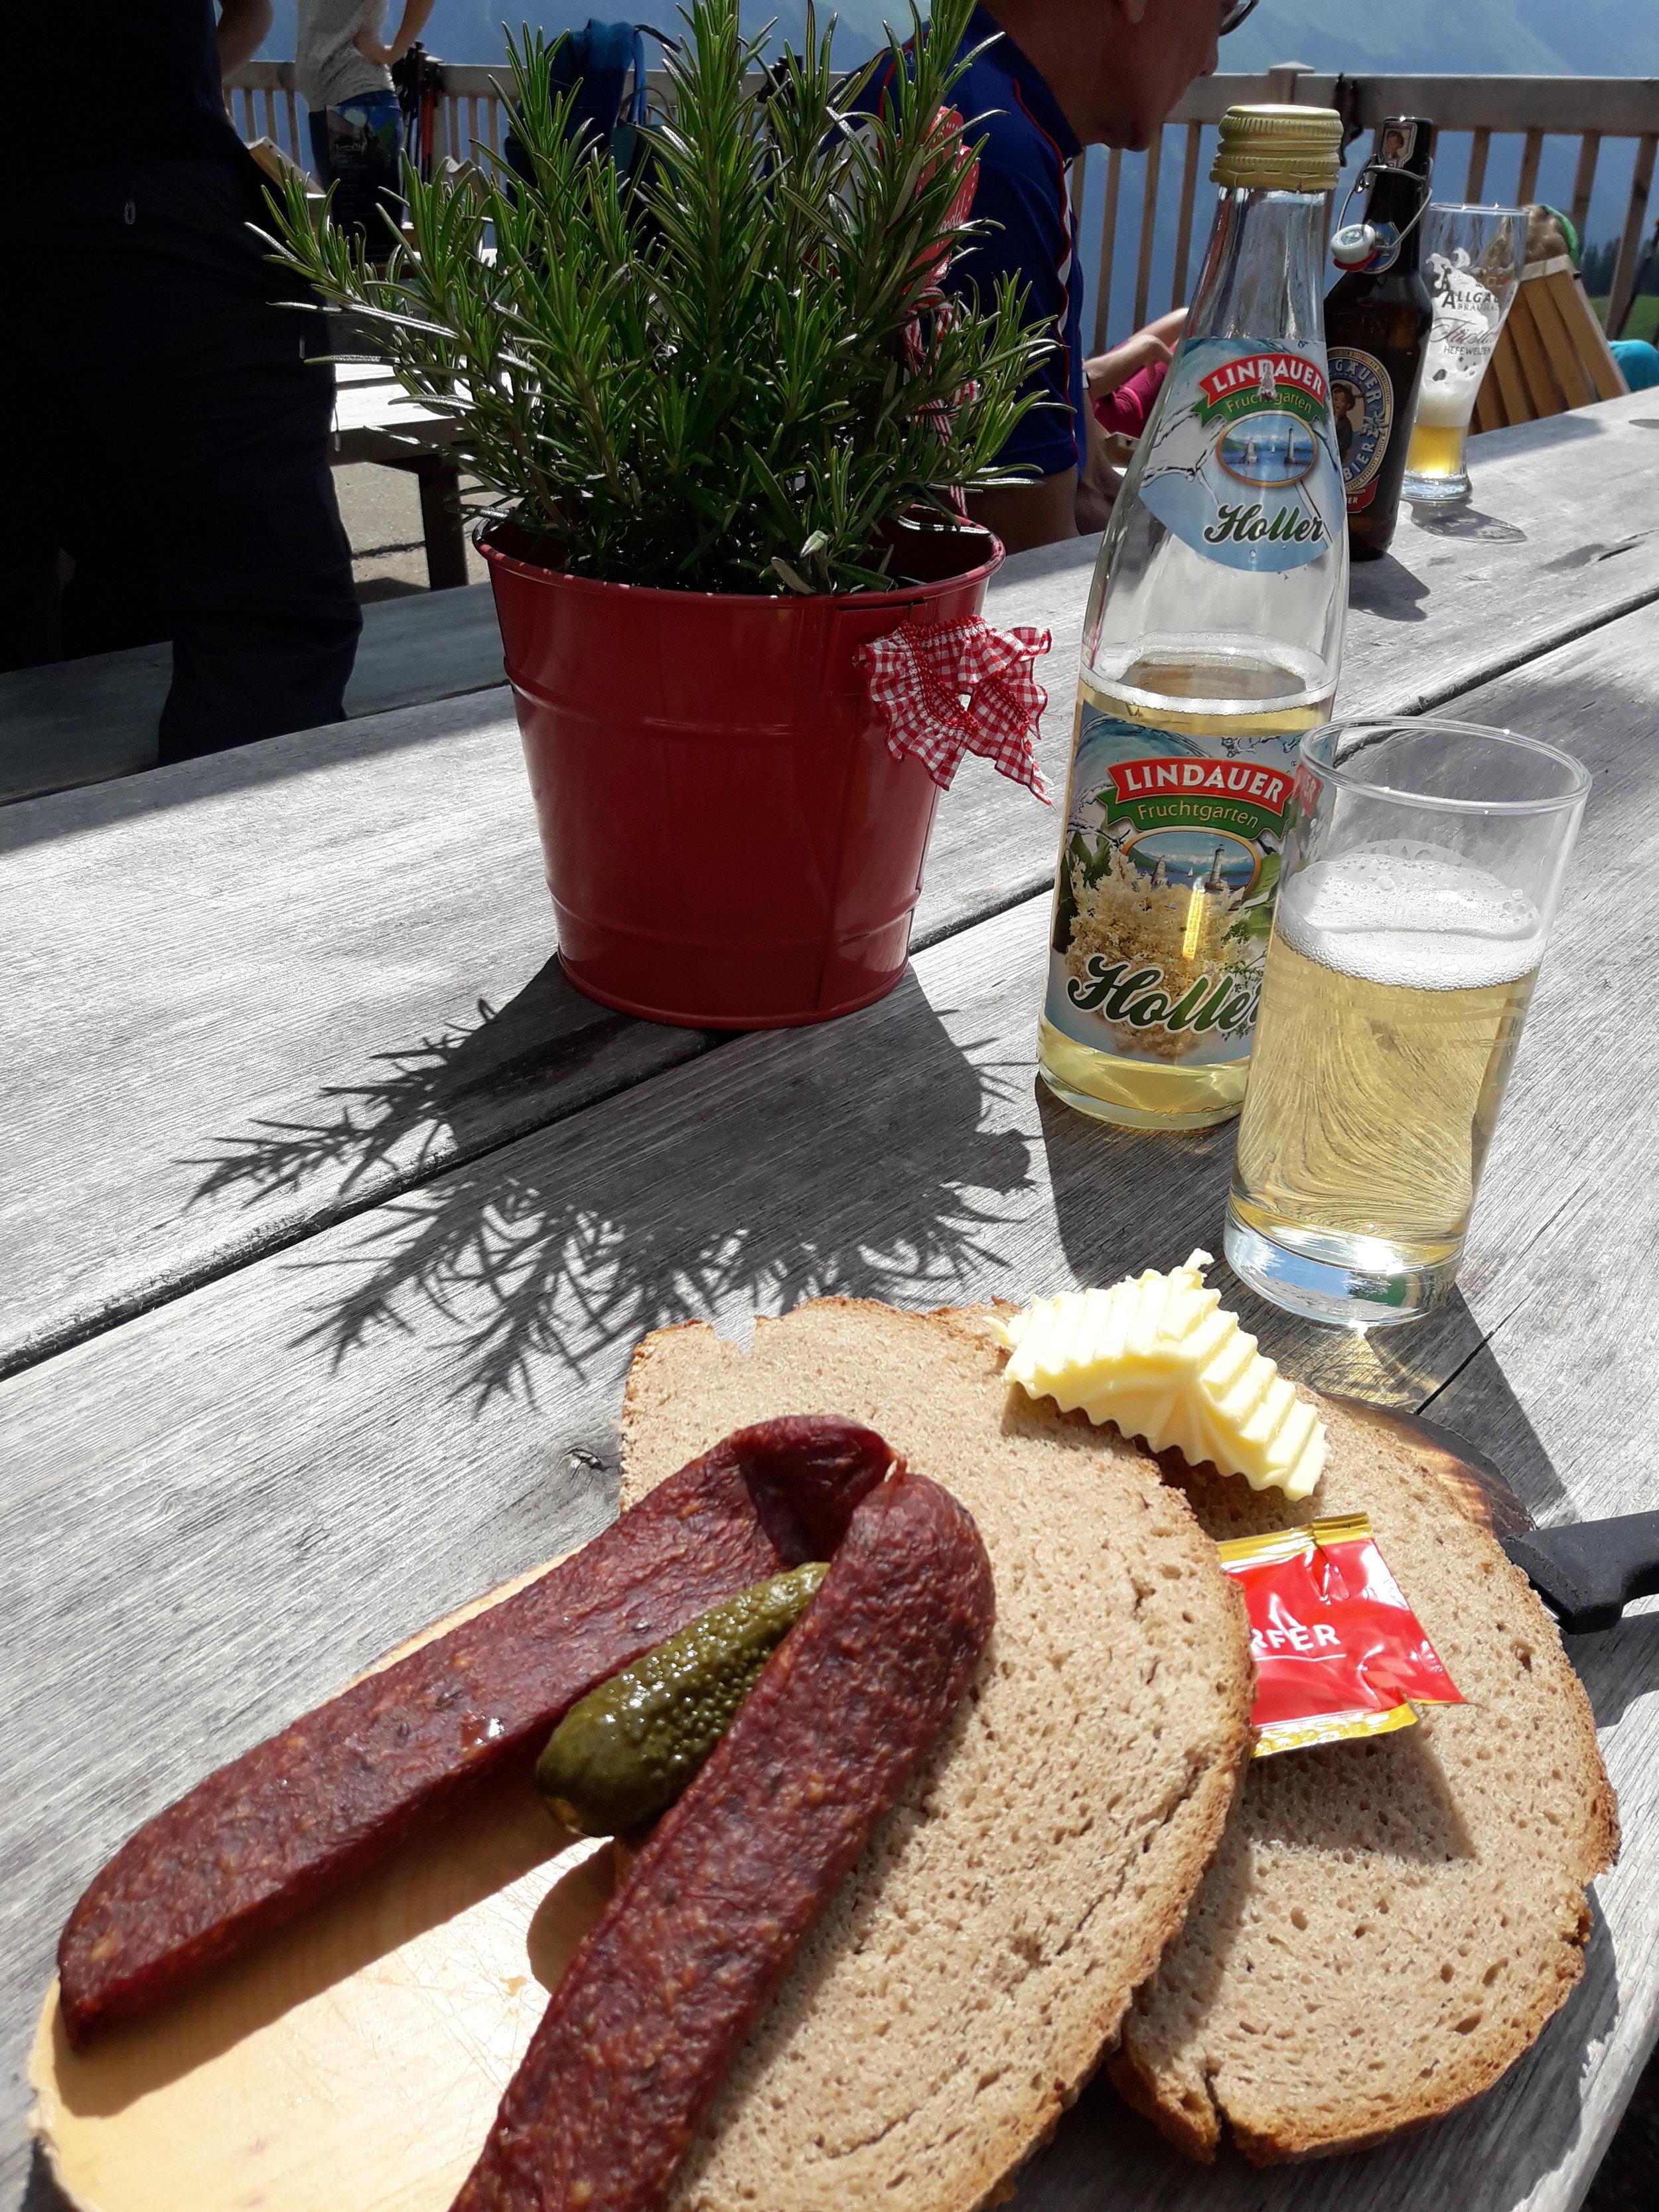 Alpe Schlappold, Brotzeit, Hollunderschorle.jpg